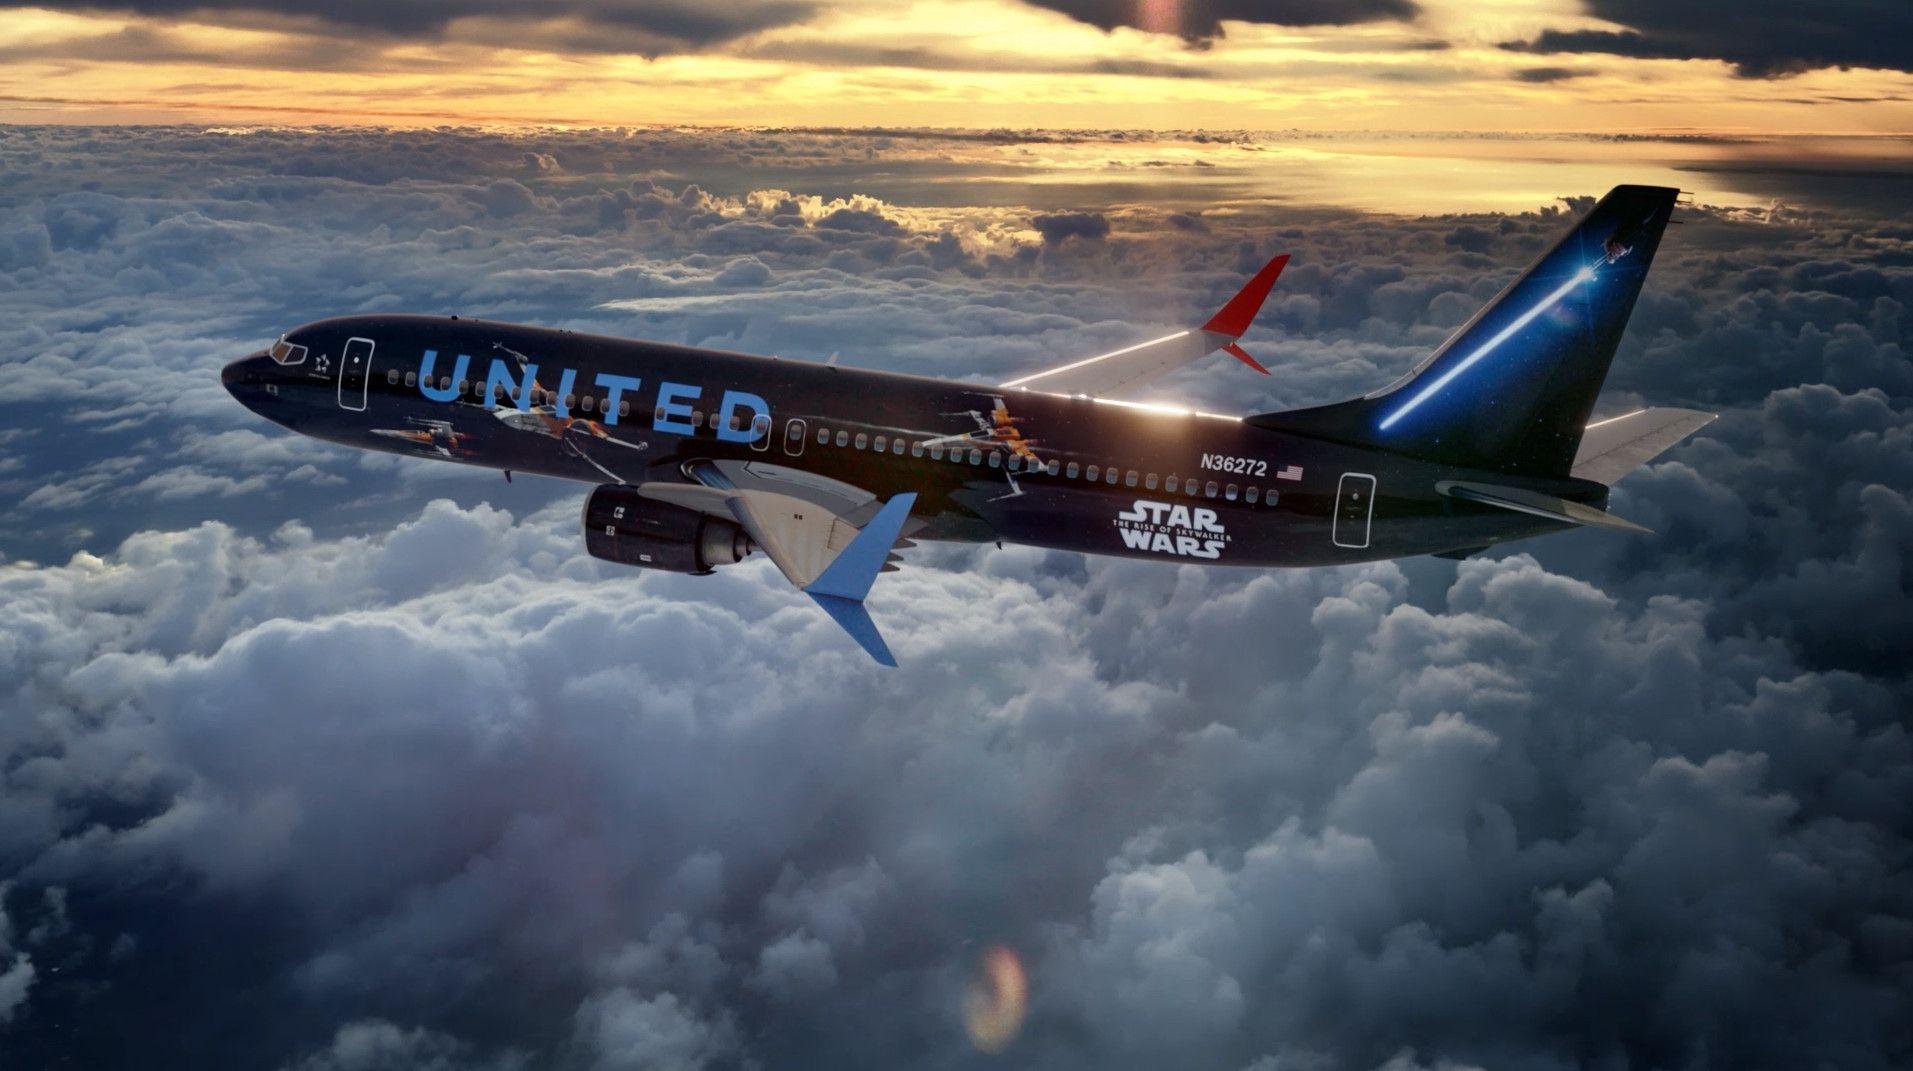 美联航×《星球大战9》 打造不一样的飞行主题体验